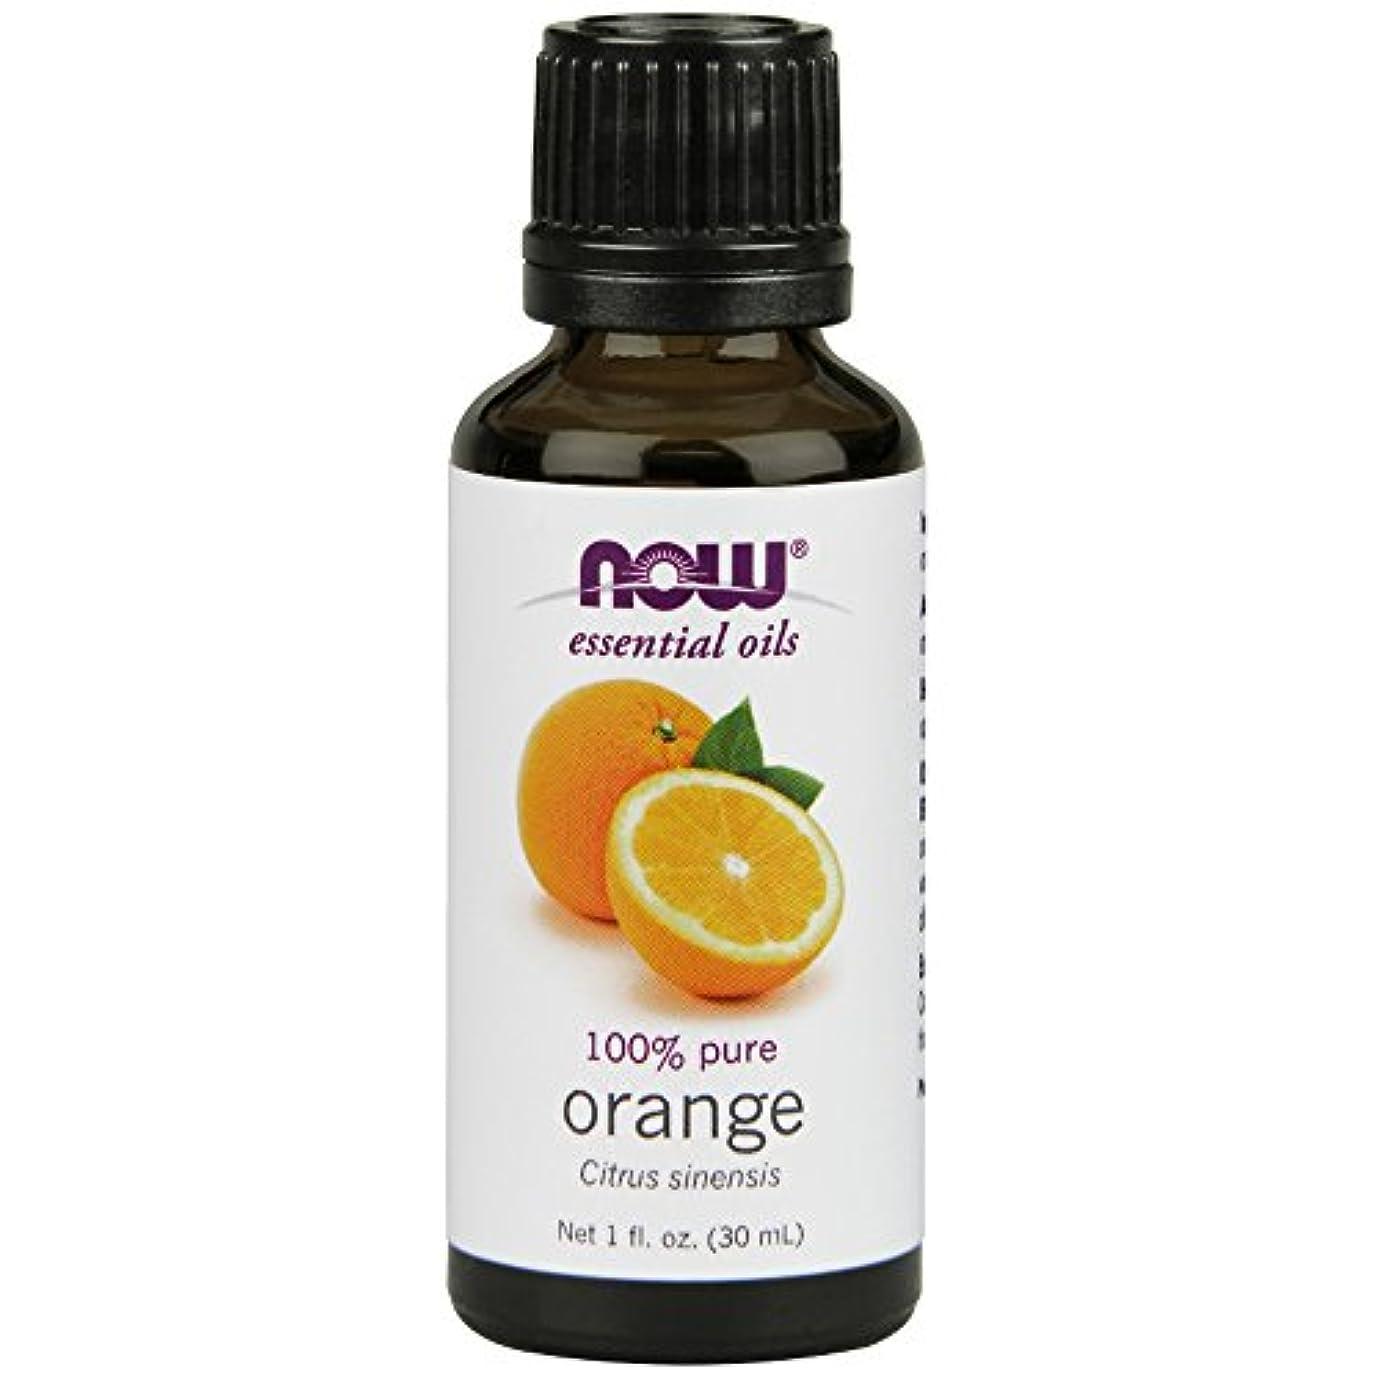 朝ごはんアルカイックいまNOWエッセンシャルオイル オレンジ精油 アロマオイル 30ml 【正規輸入品】